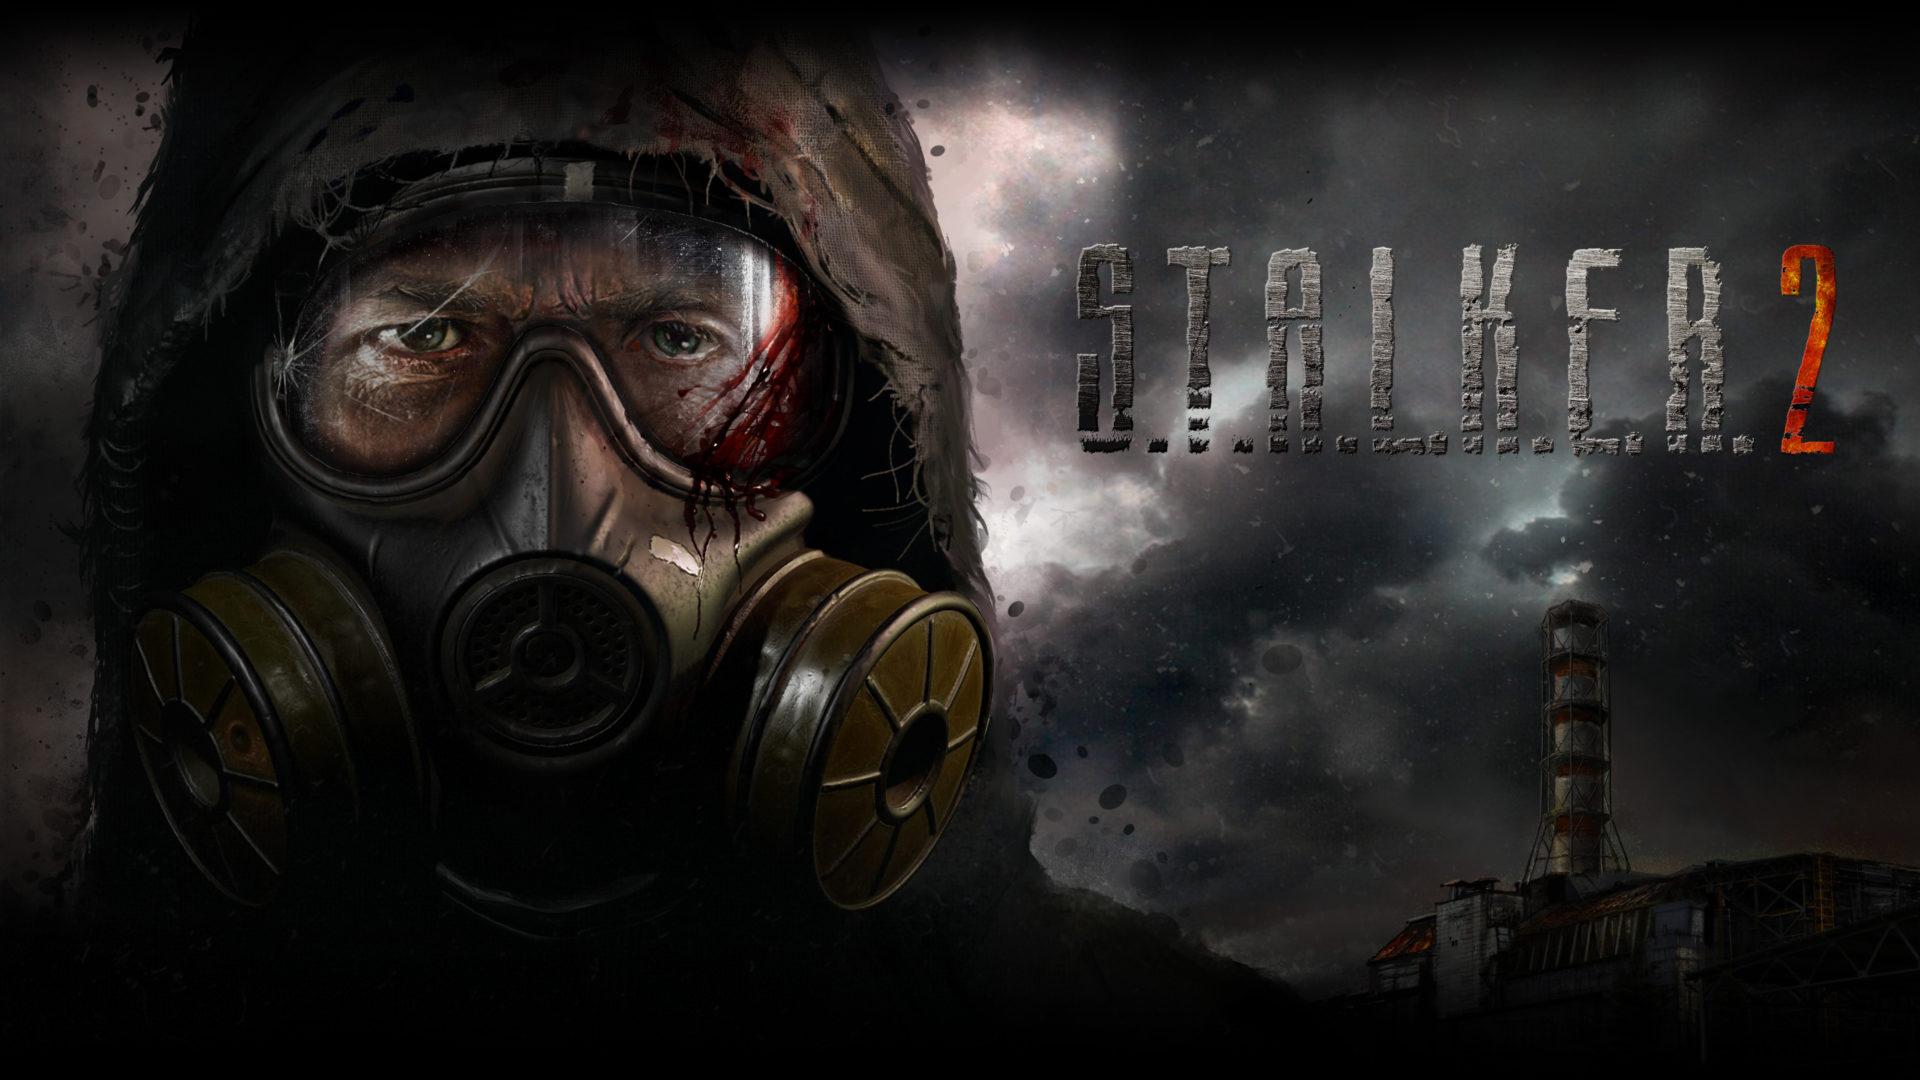 S.T.A.L.K.E.R 2 Art